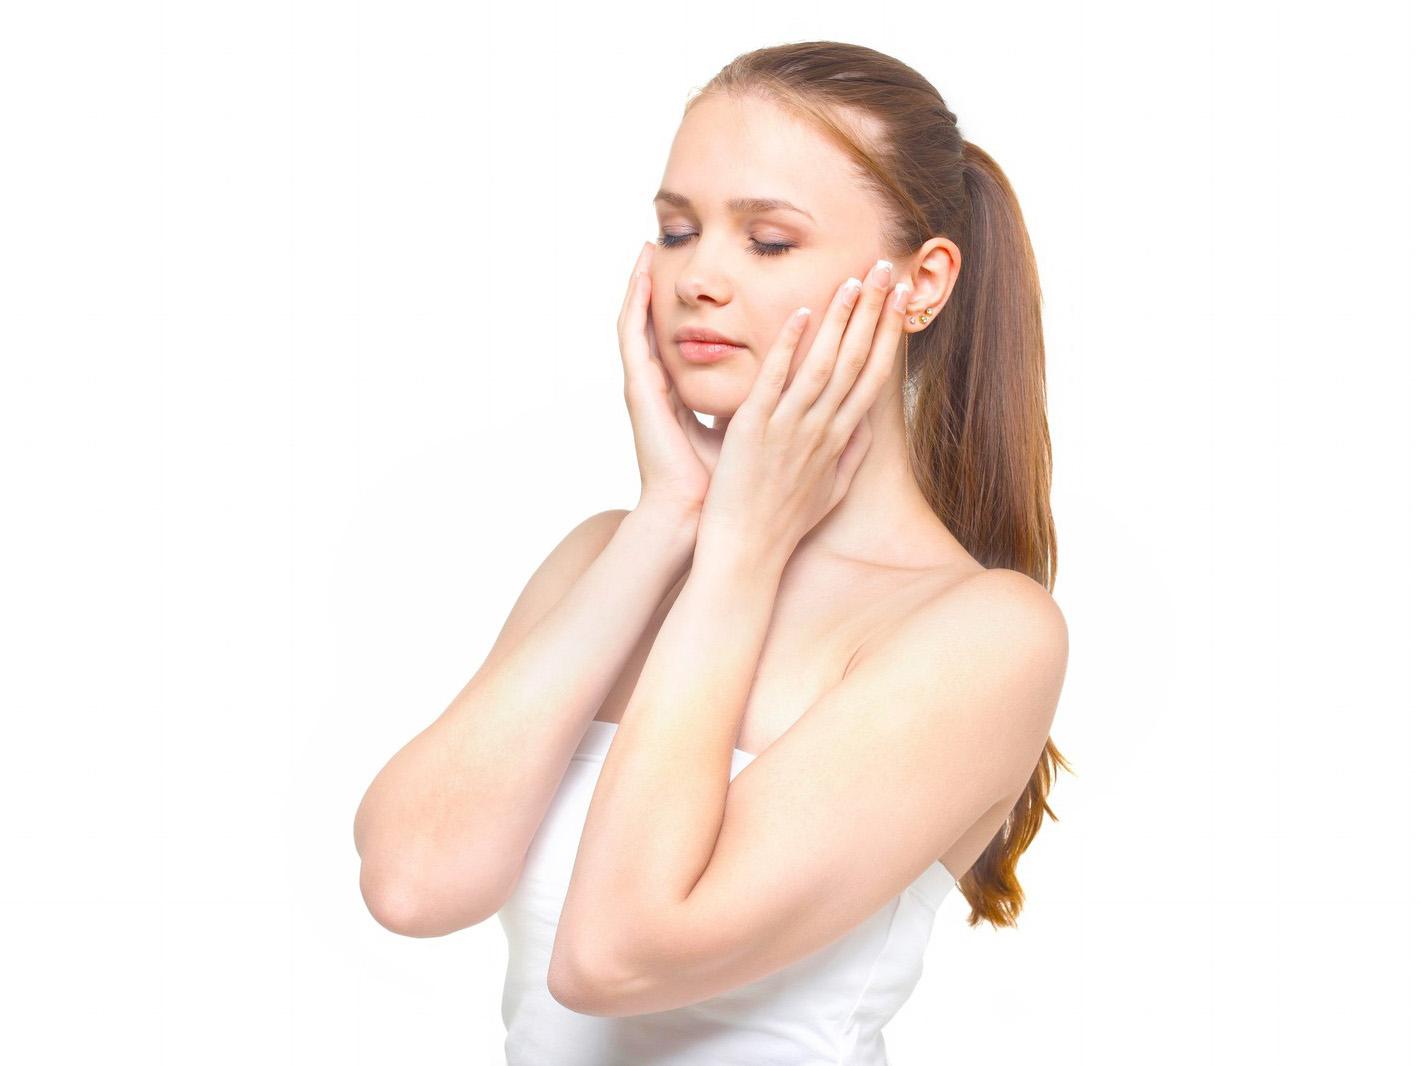 覚えておきたいストレスによる肌荒れのメカニズム